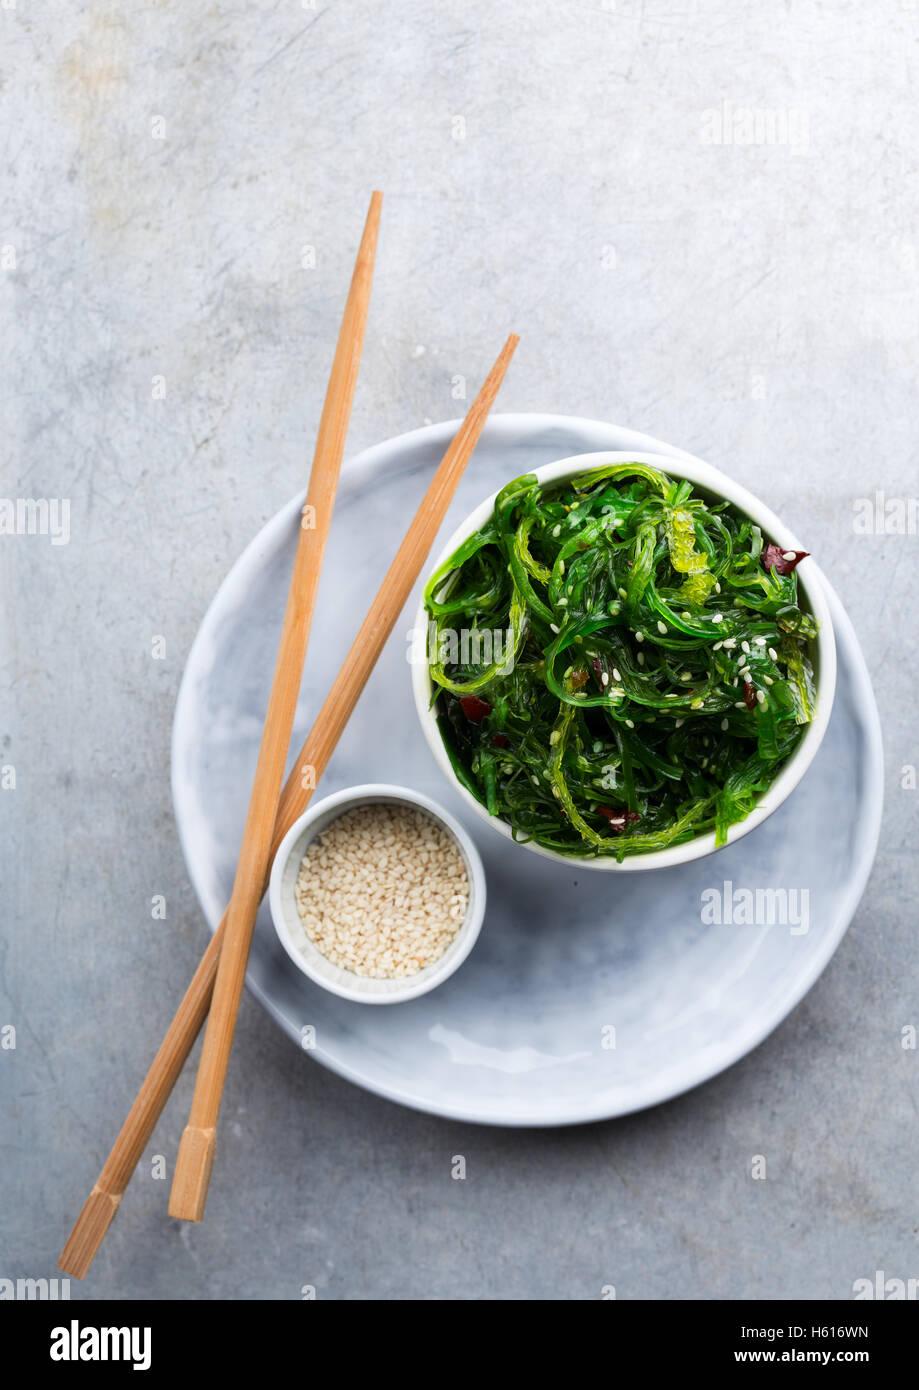 Japonais traditionnel apéritif servi la salade dans un petit bol et baguettes Photo Stock